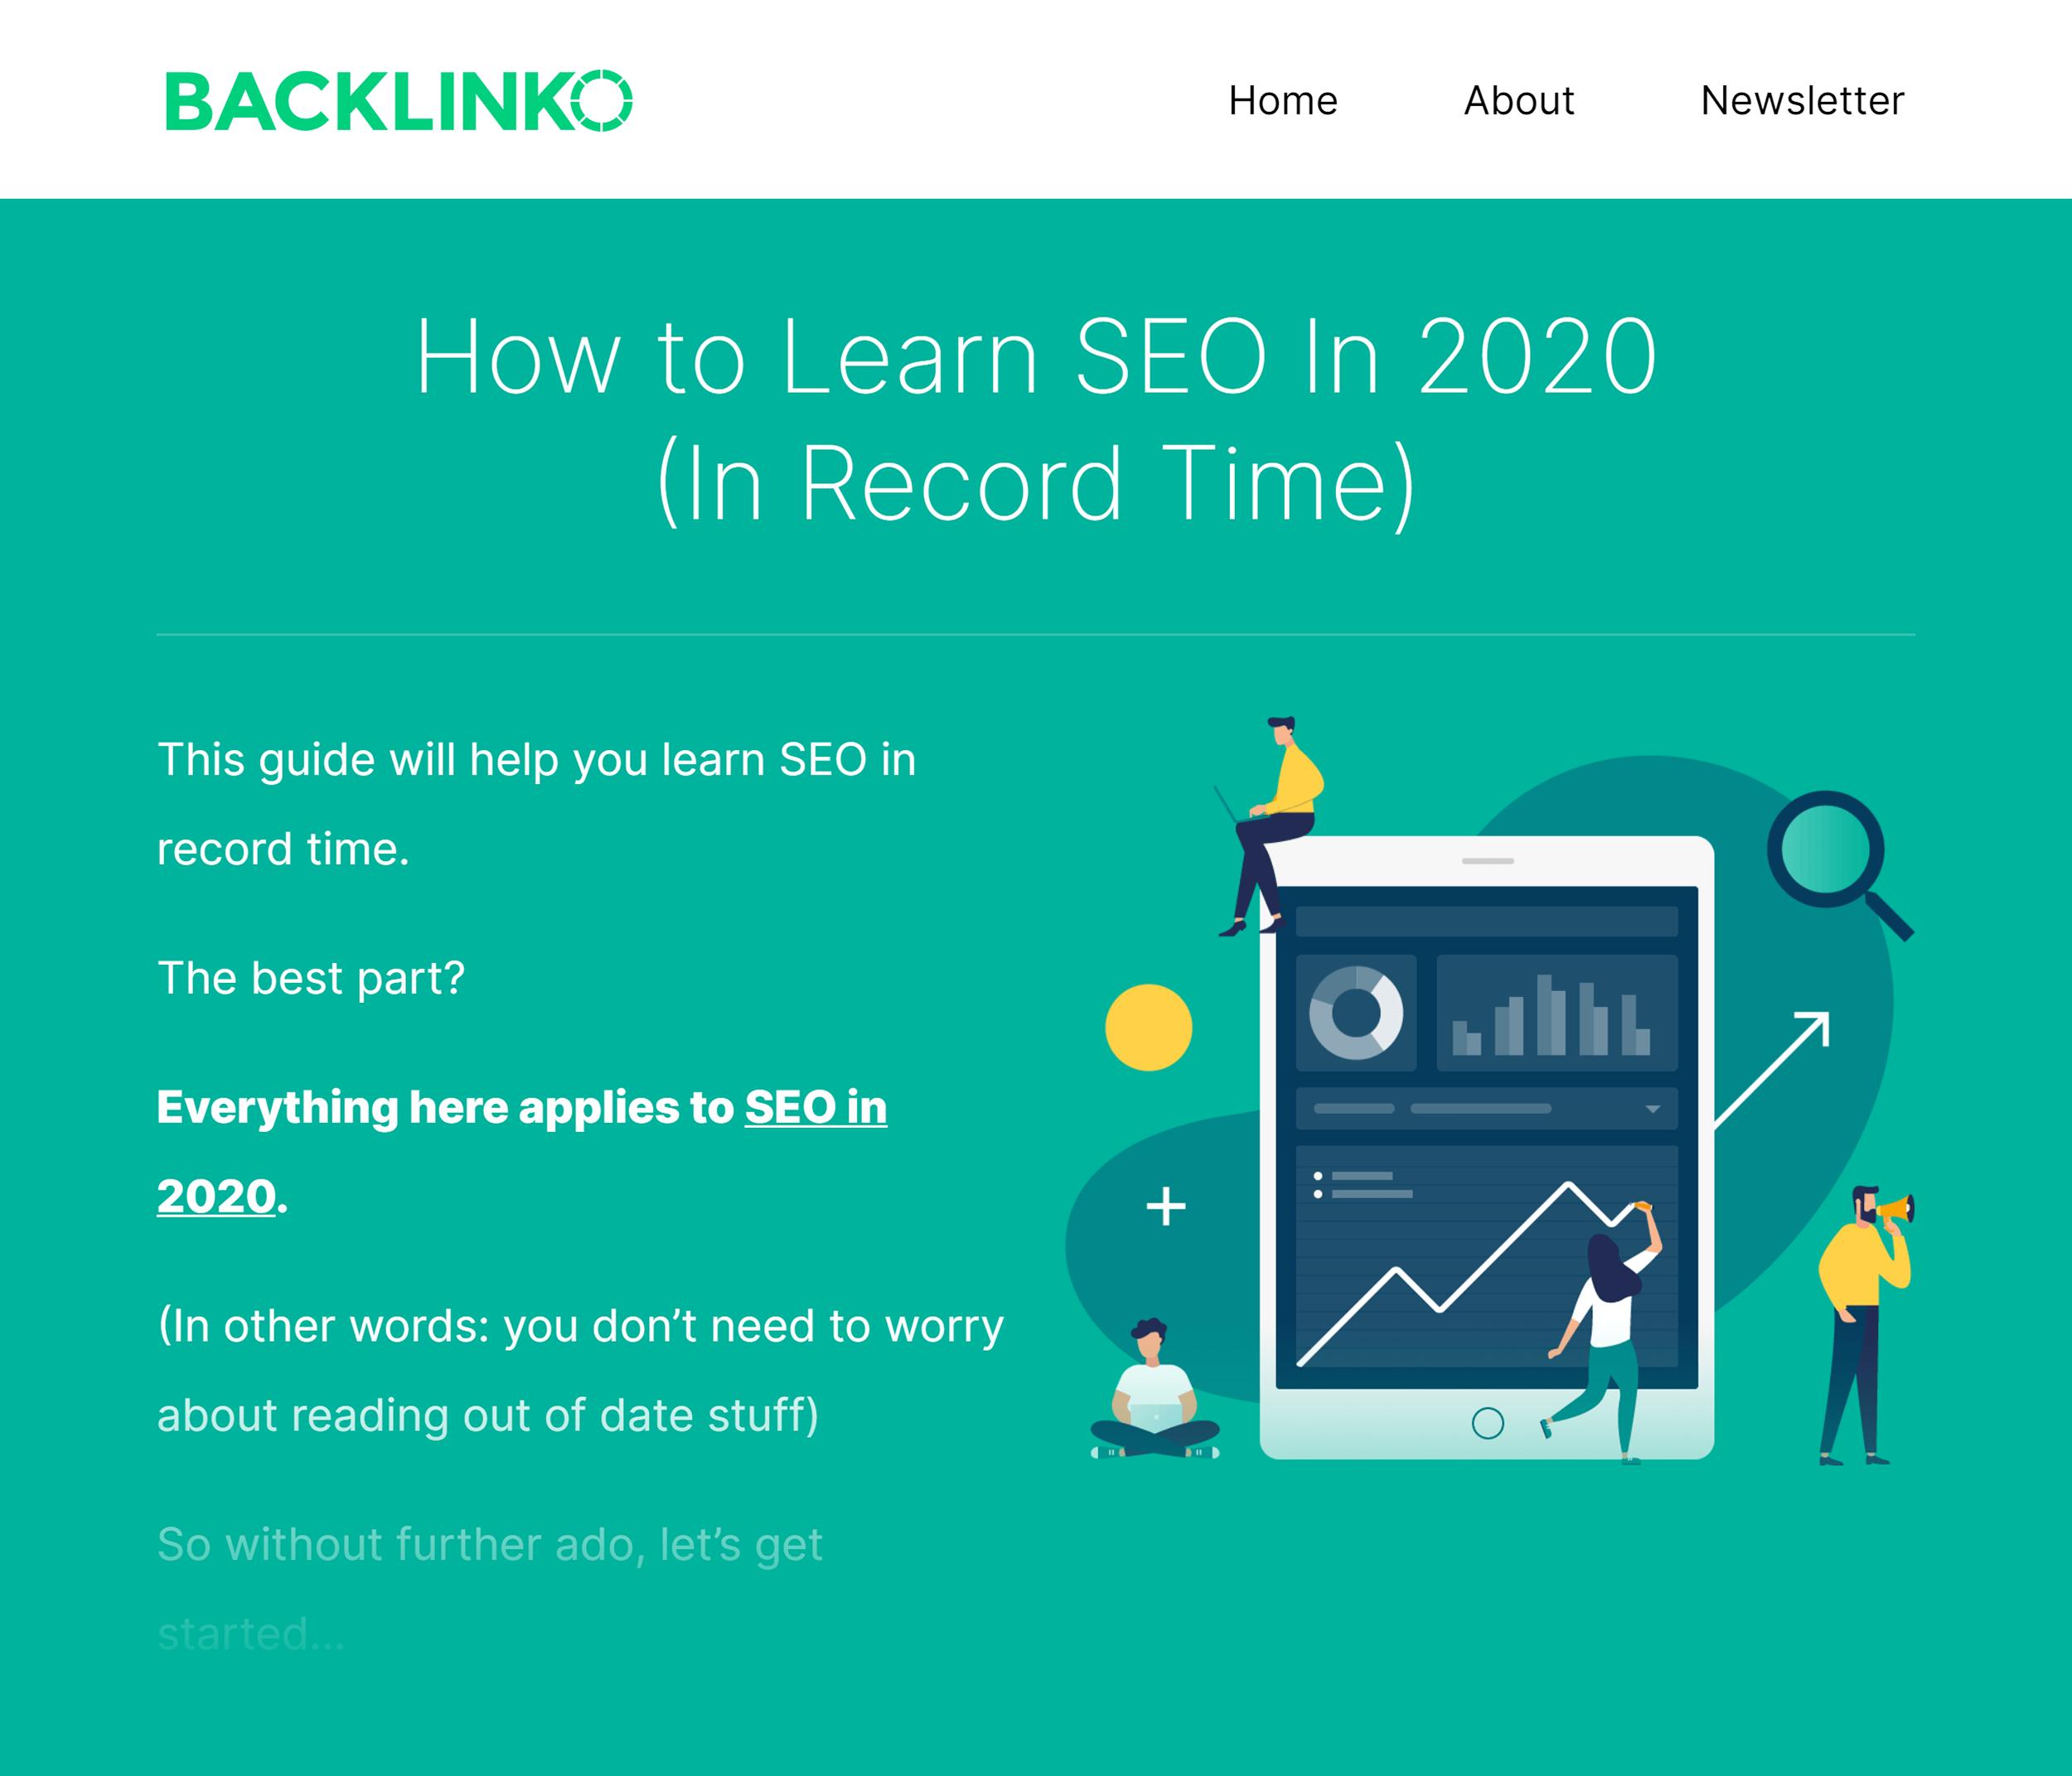 Backlinko – Learn SEO Fast Guide